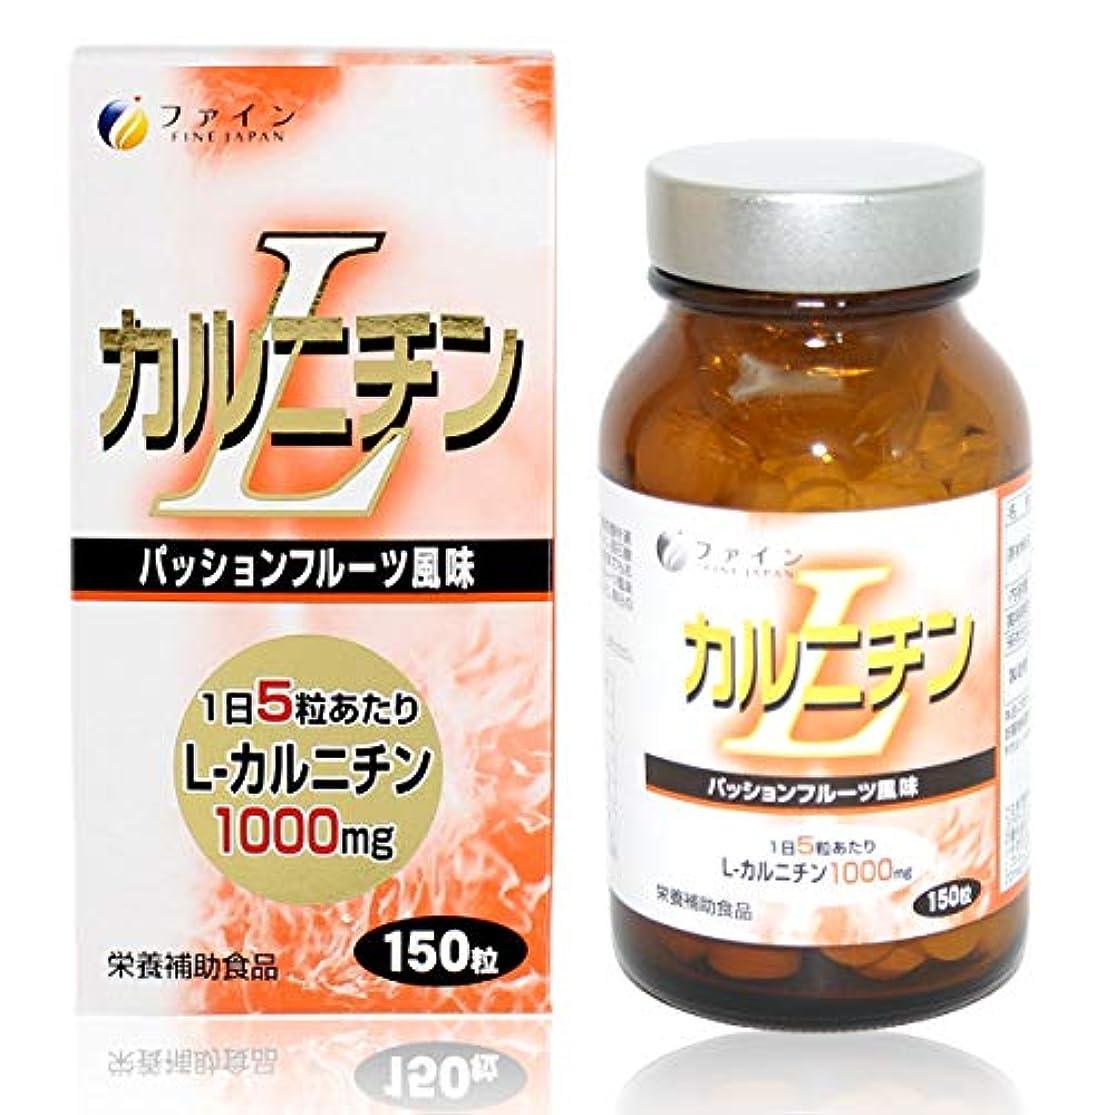 投げ捨てるカロリー集団的ファイン L-カルニチン 150粒入 ビタミンB1 配合 パッションフルーツ風味